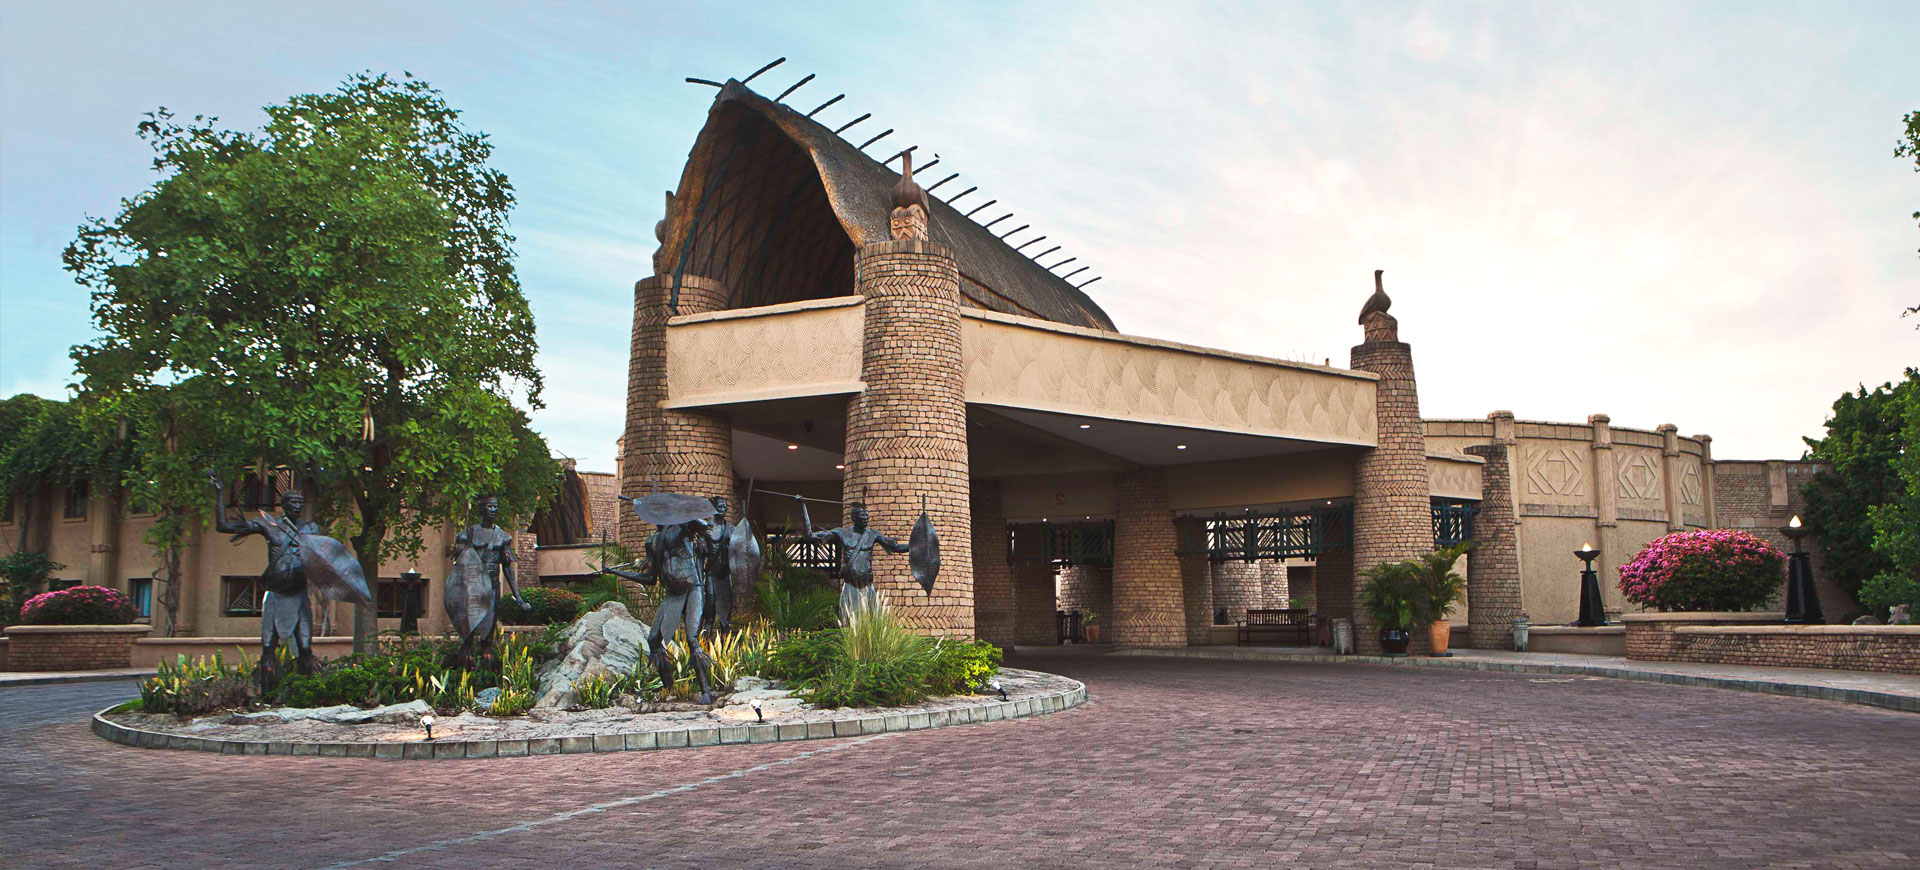 Victoria Falls Conference Venue Kingdom Hotel